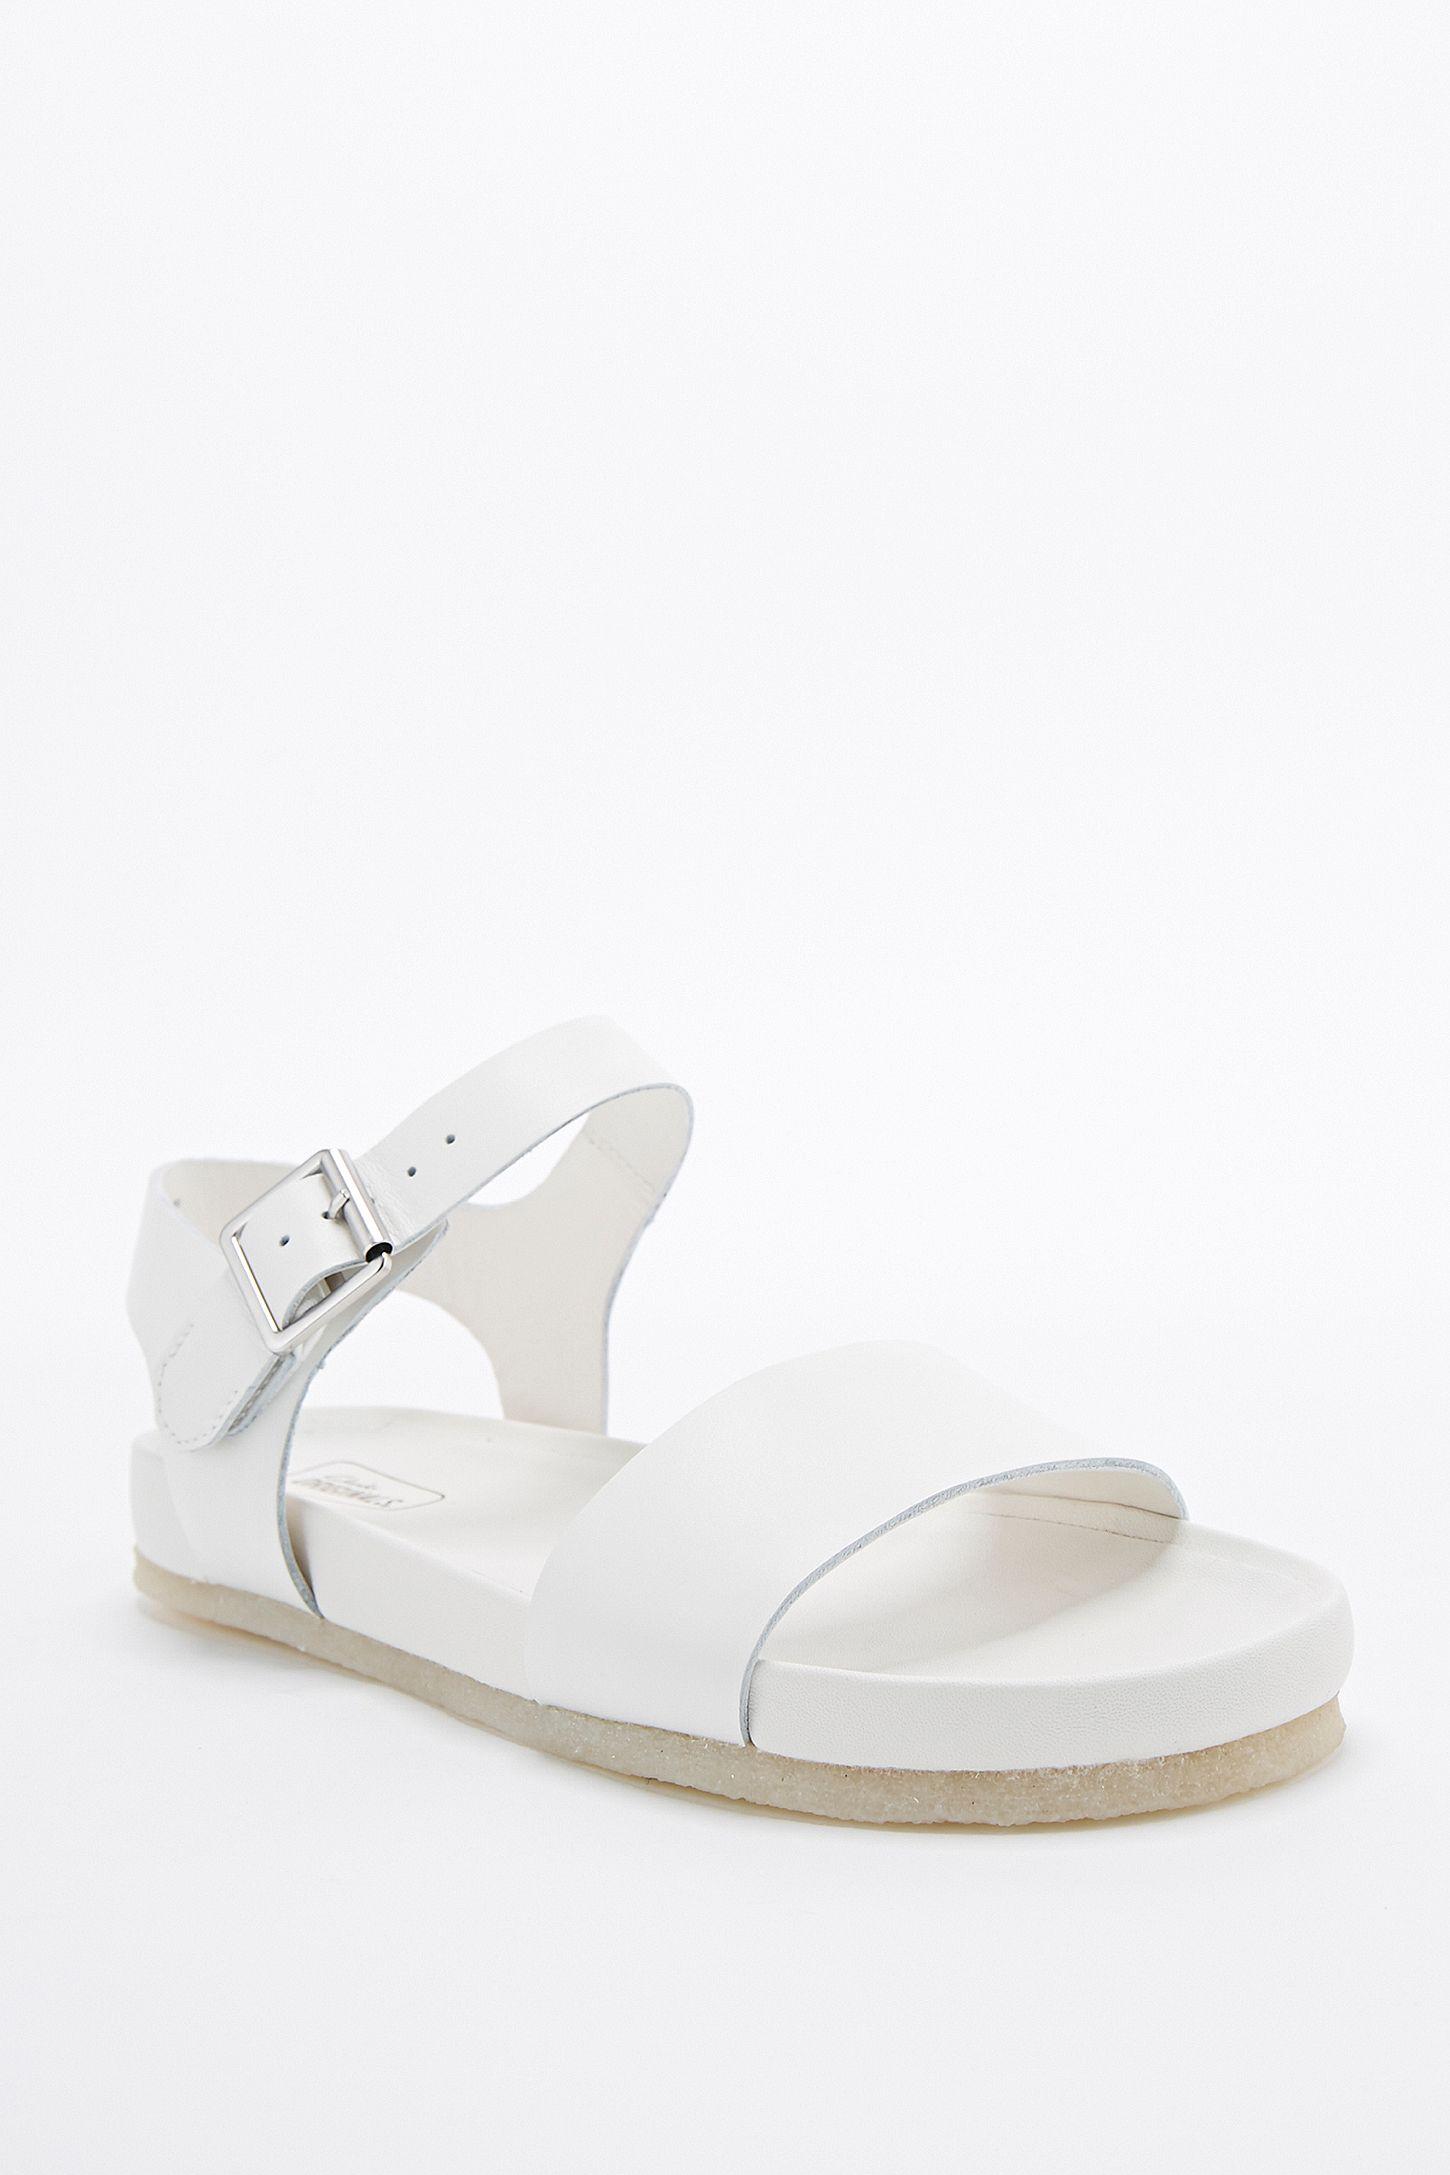 82e66698085c Clarks Dusty Soul Sandals in White